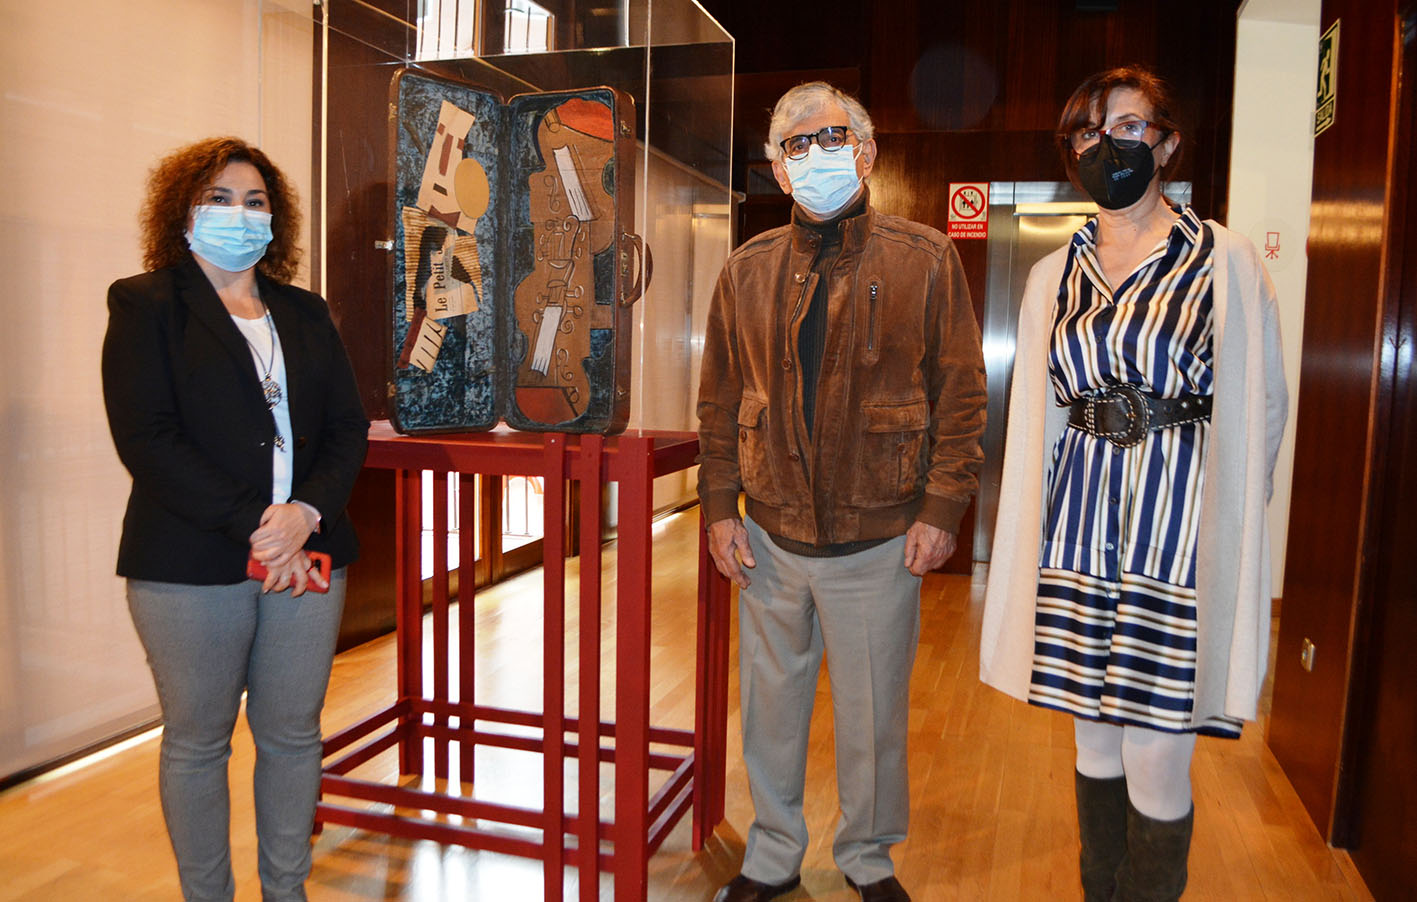 La supuesta obra de Picasso ya está expuesta en San Clemente.